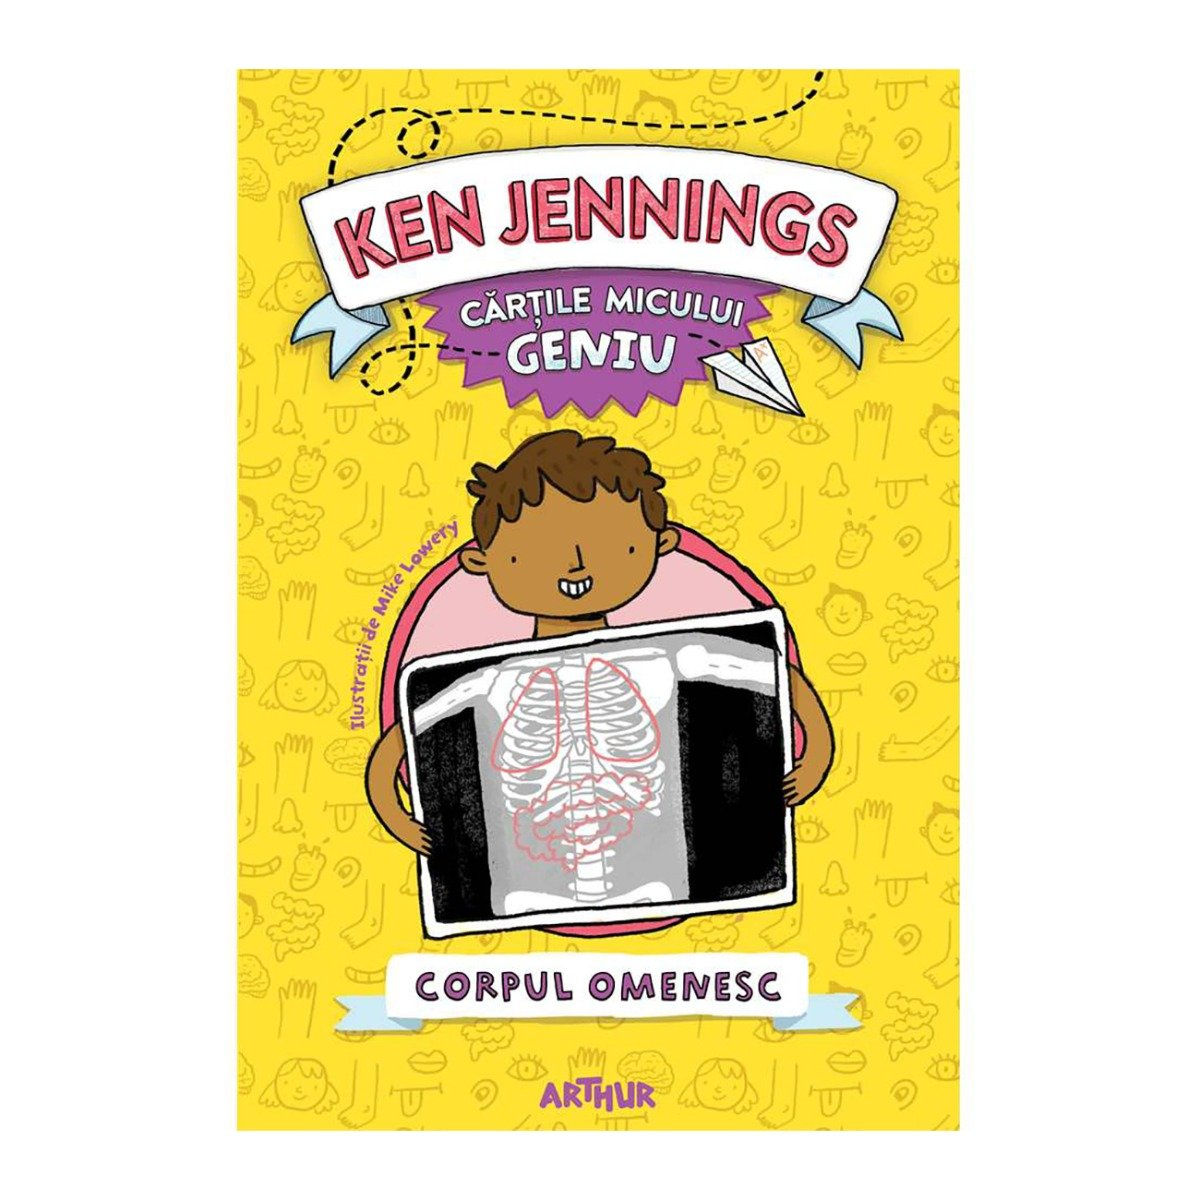 Carte Editura Arthur, Micul geniu, Corpul omenesc, Ken Jennings